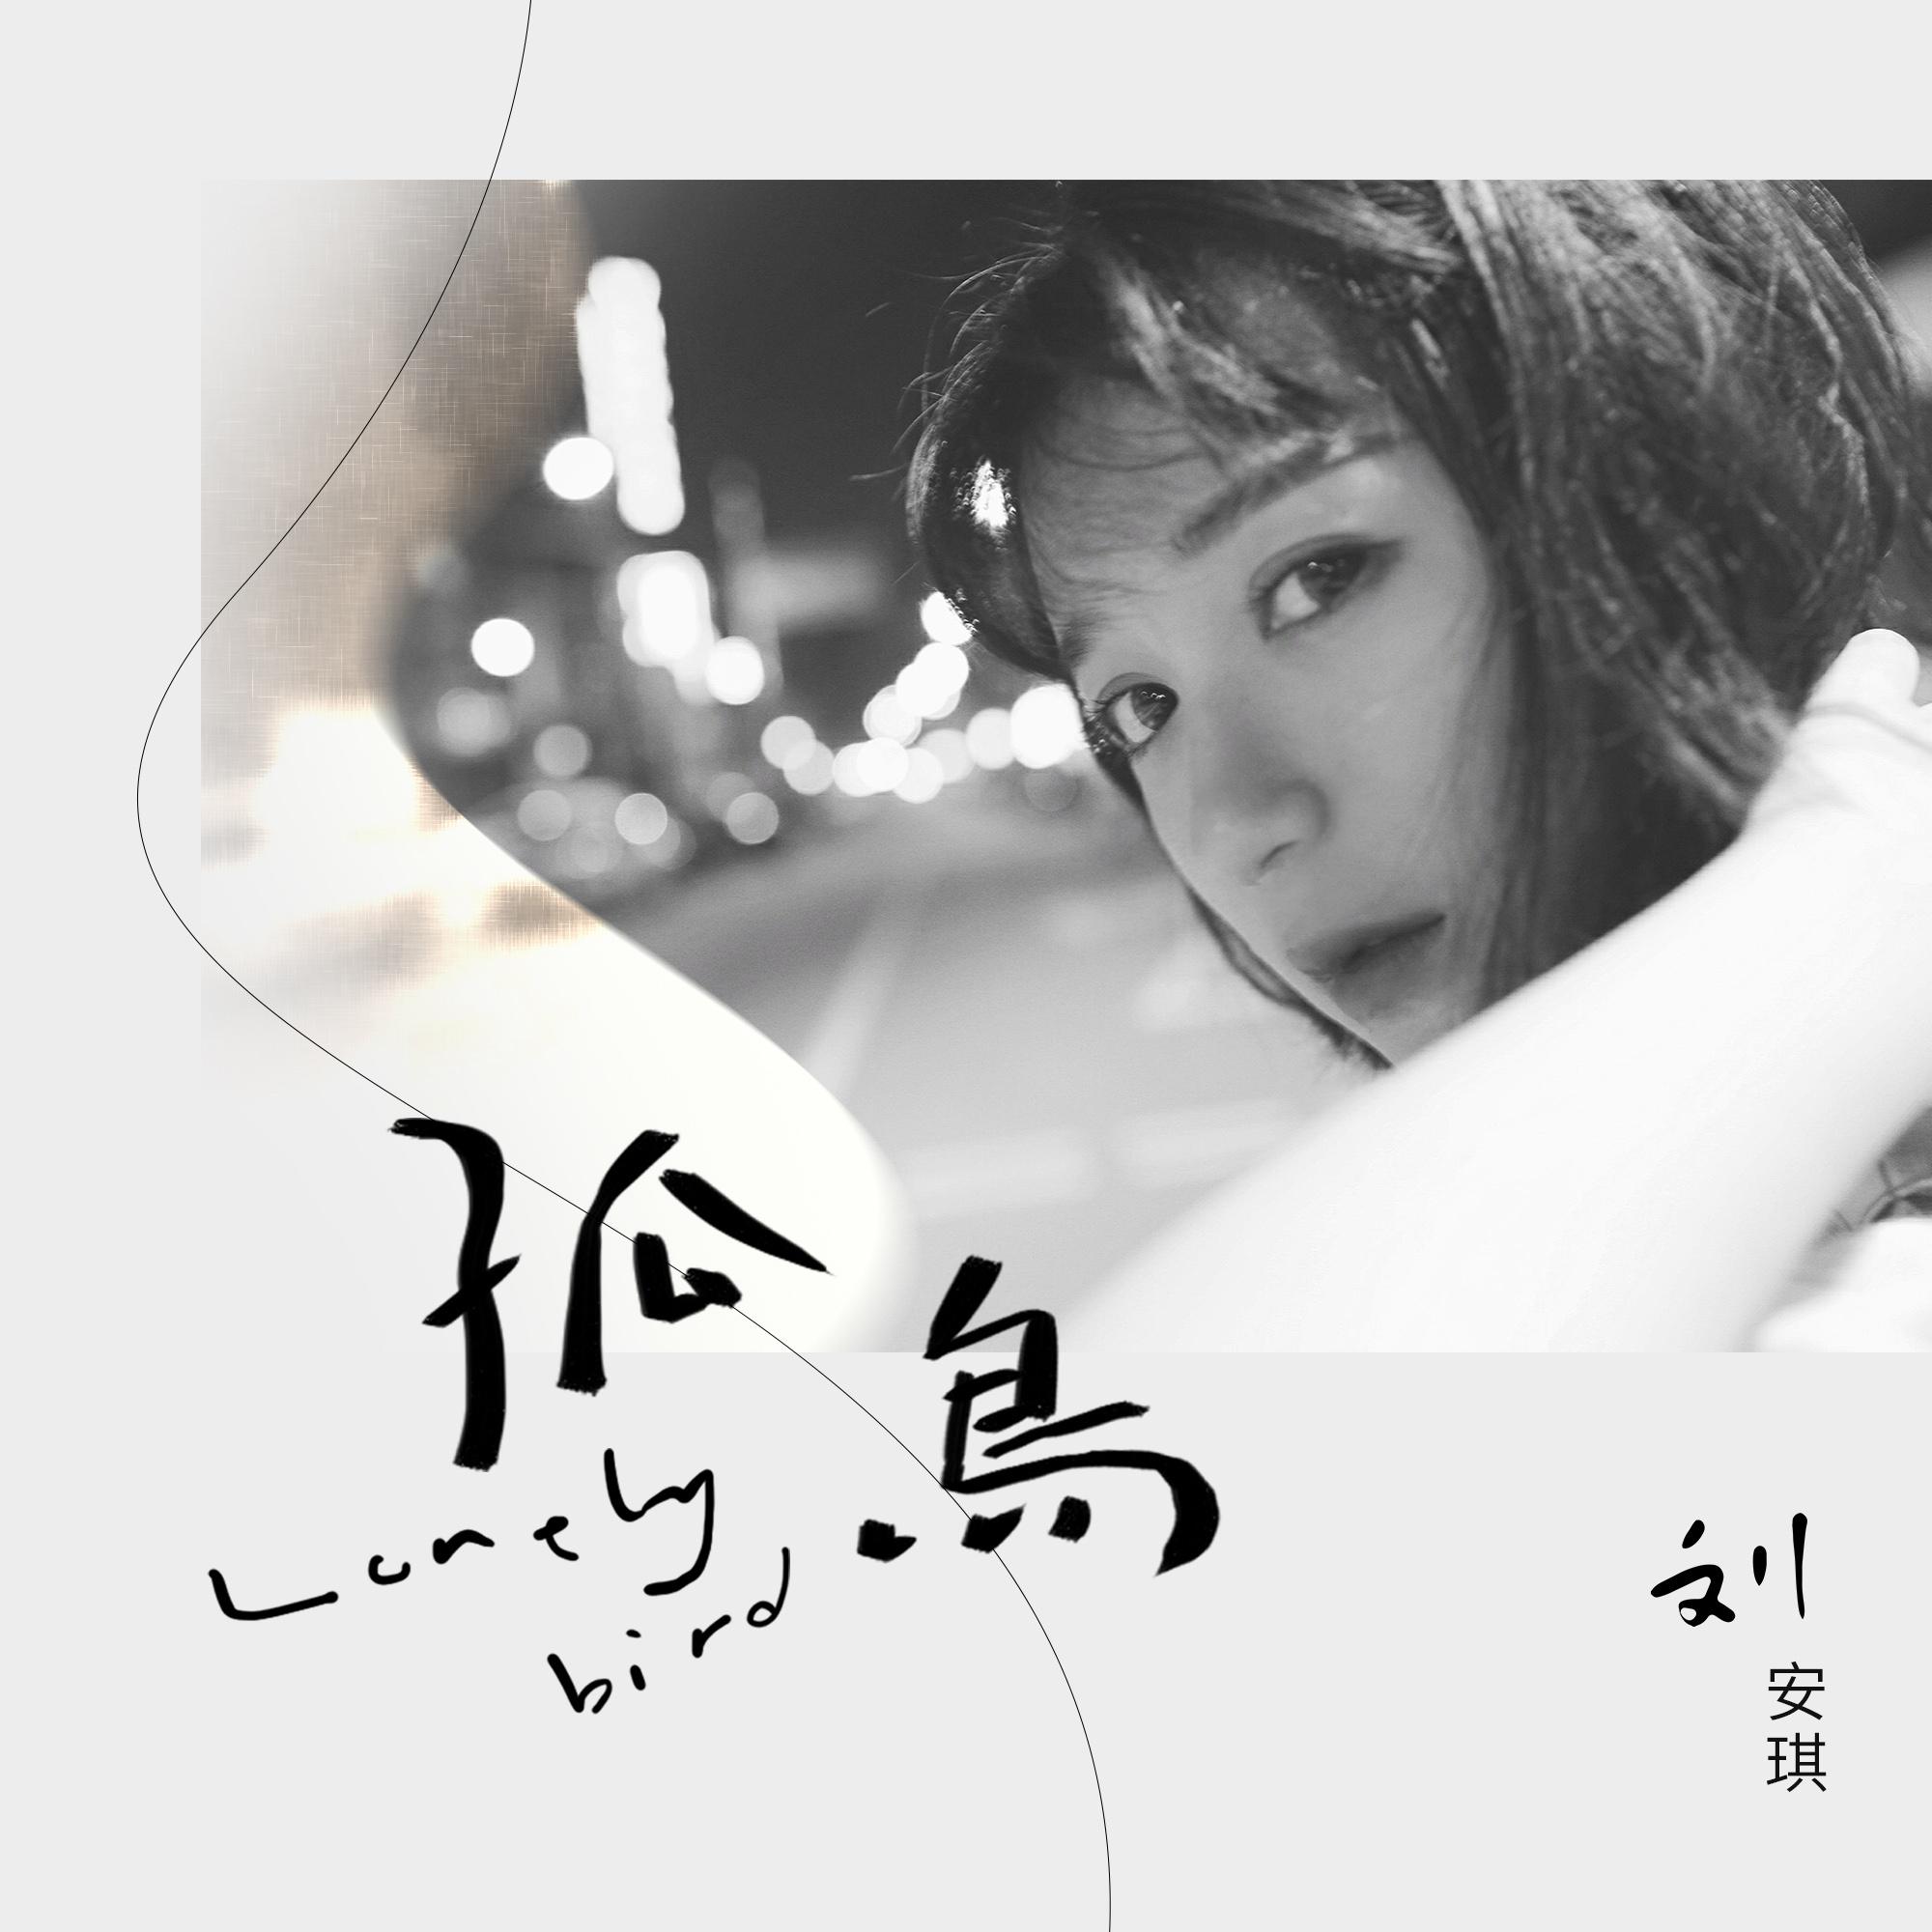 刘安琪生日新单《孤鸟》发布 展现深情独白